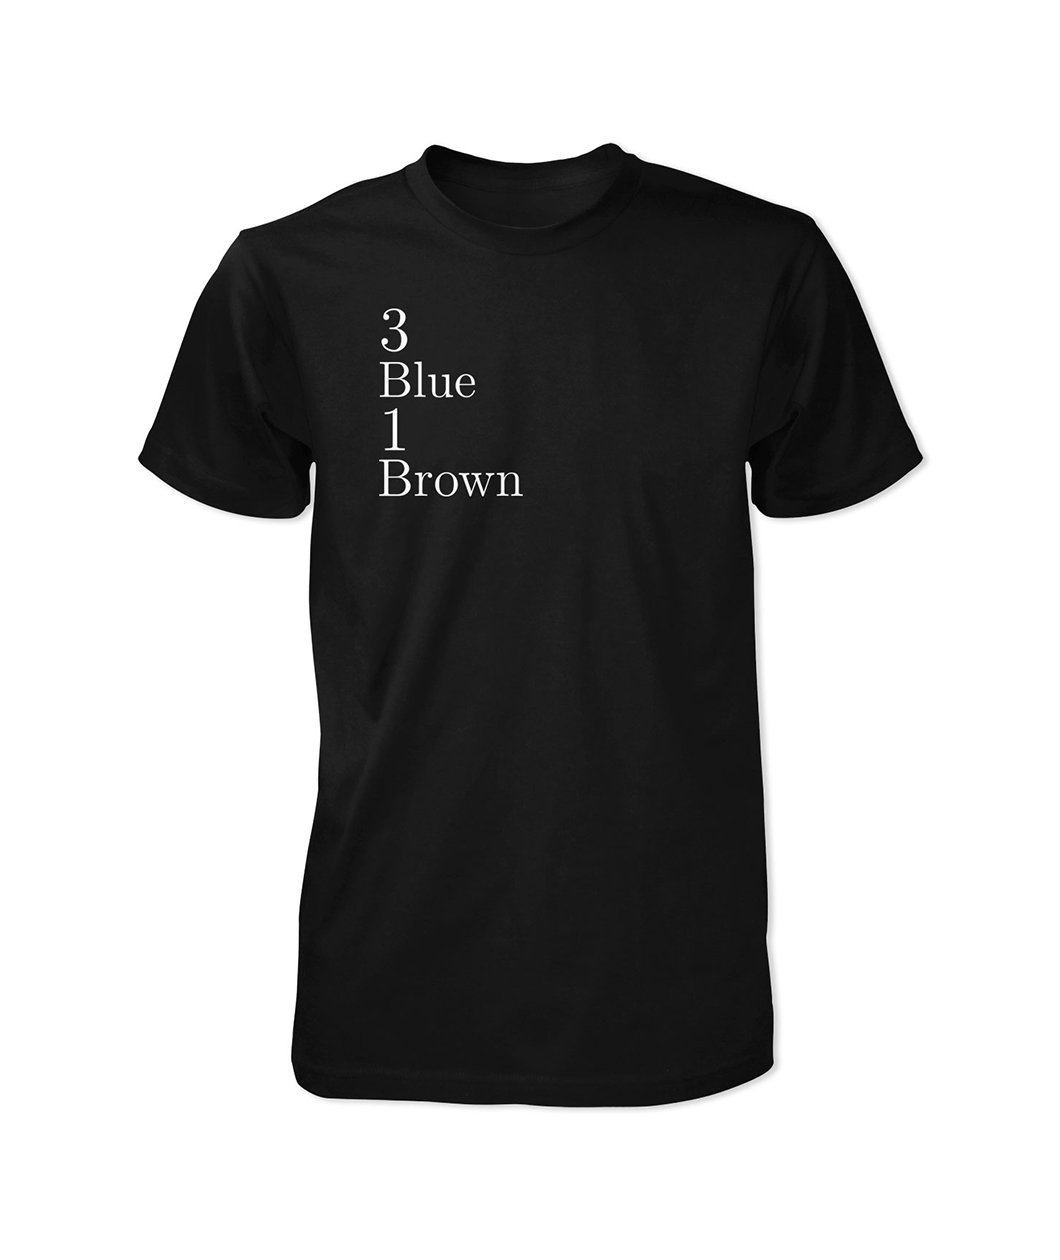 3b1b shirt